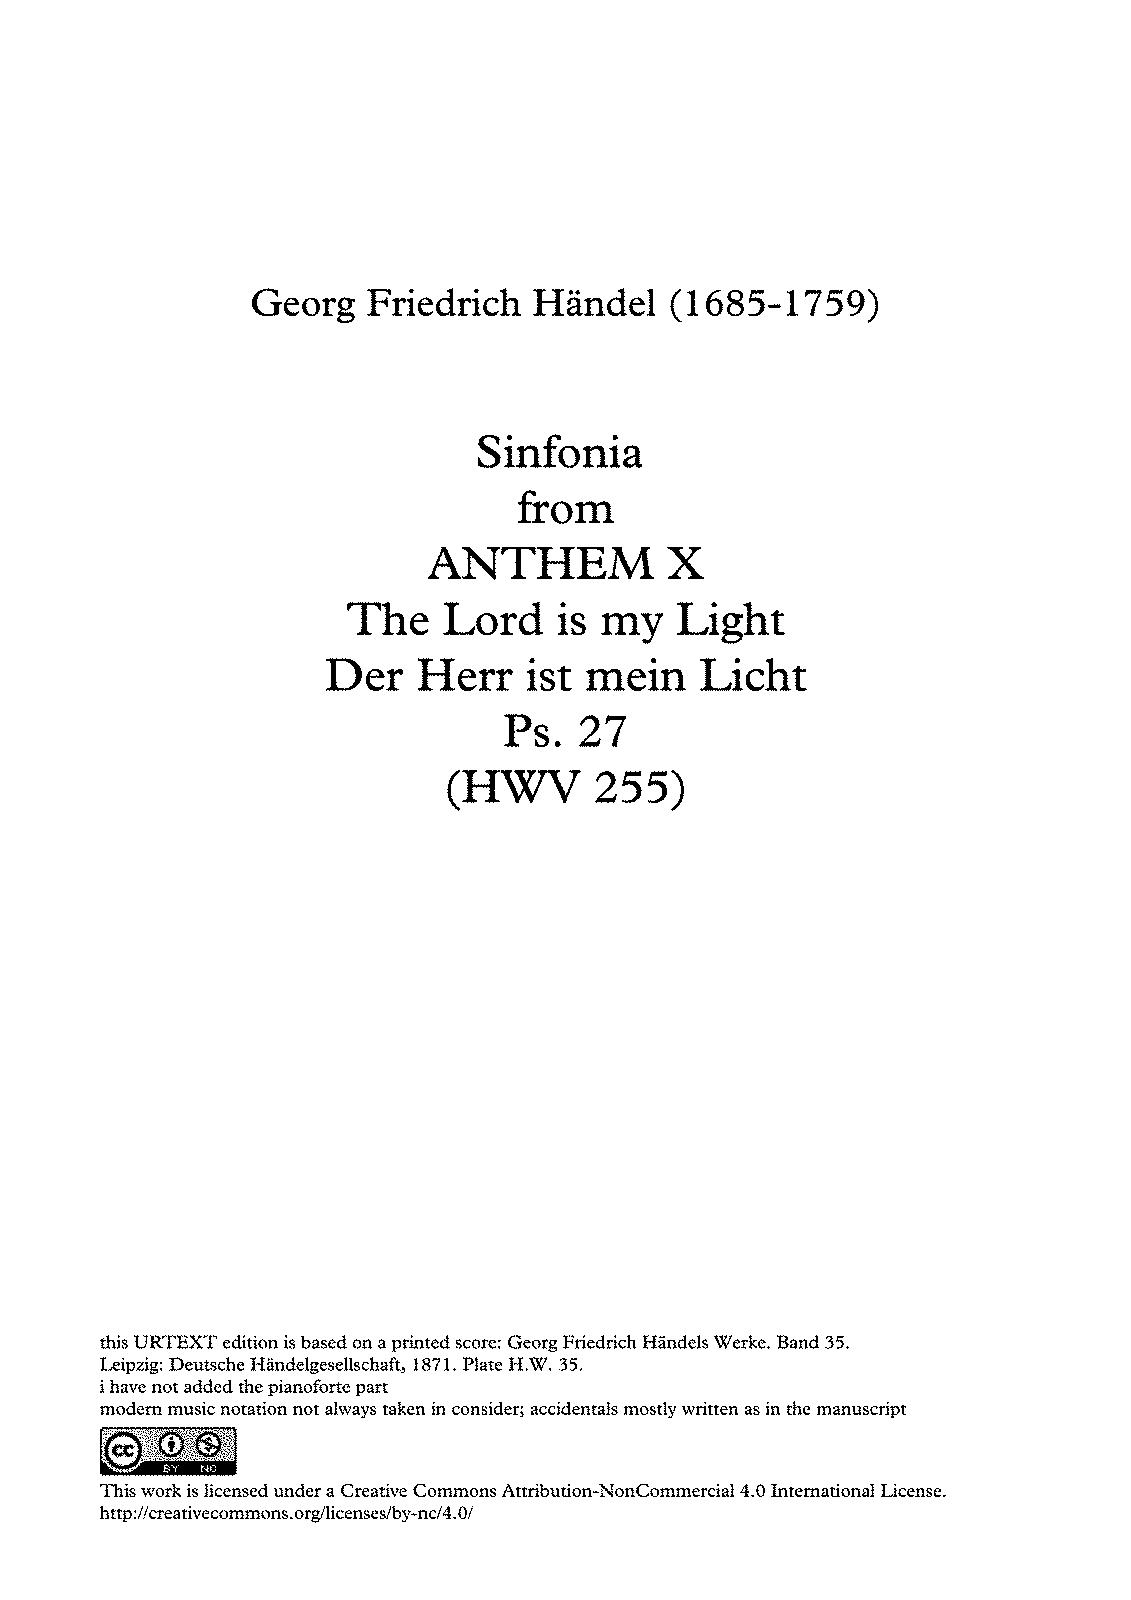 festliches weihnachtskonzert georg friedrich hndel parts - Georg Friedrich Handel Lebenslauf